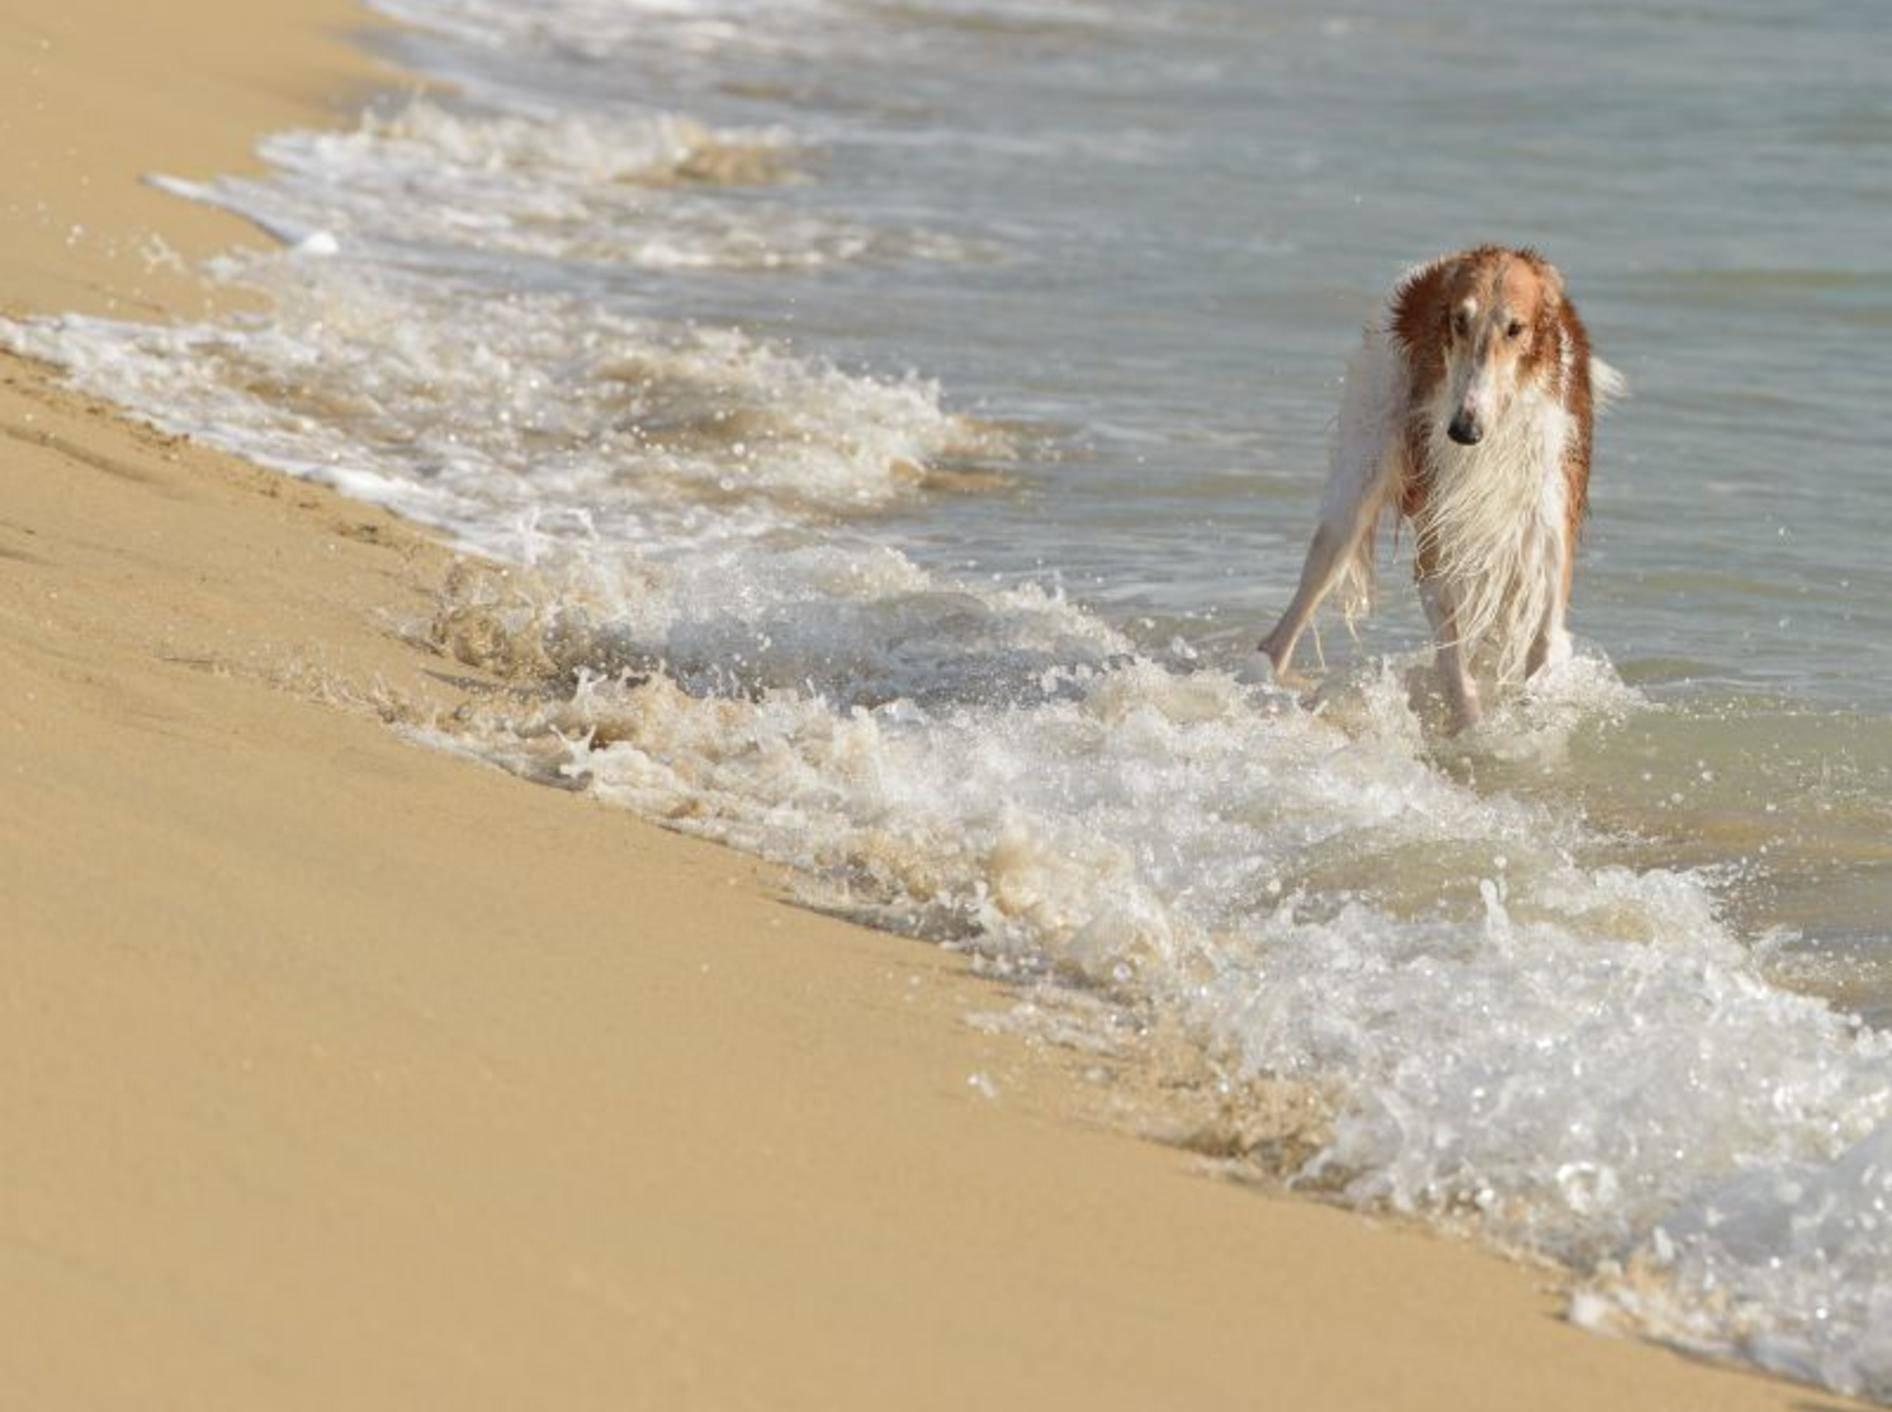 Spaziergänge am Strand: Das Richtige für den lauffreudigen Barsoi – Bild: Shutterstock / tsik